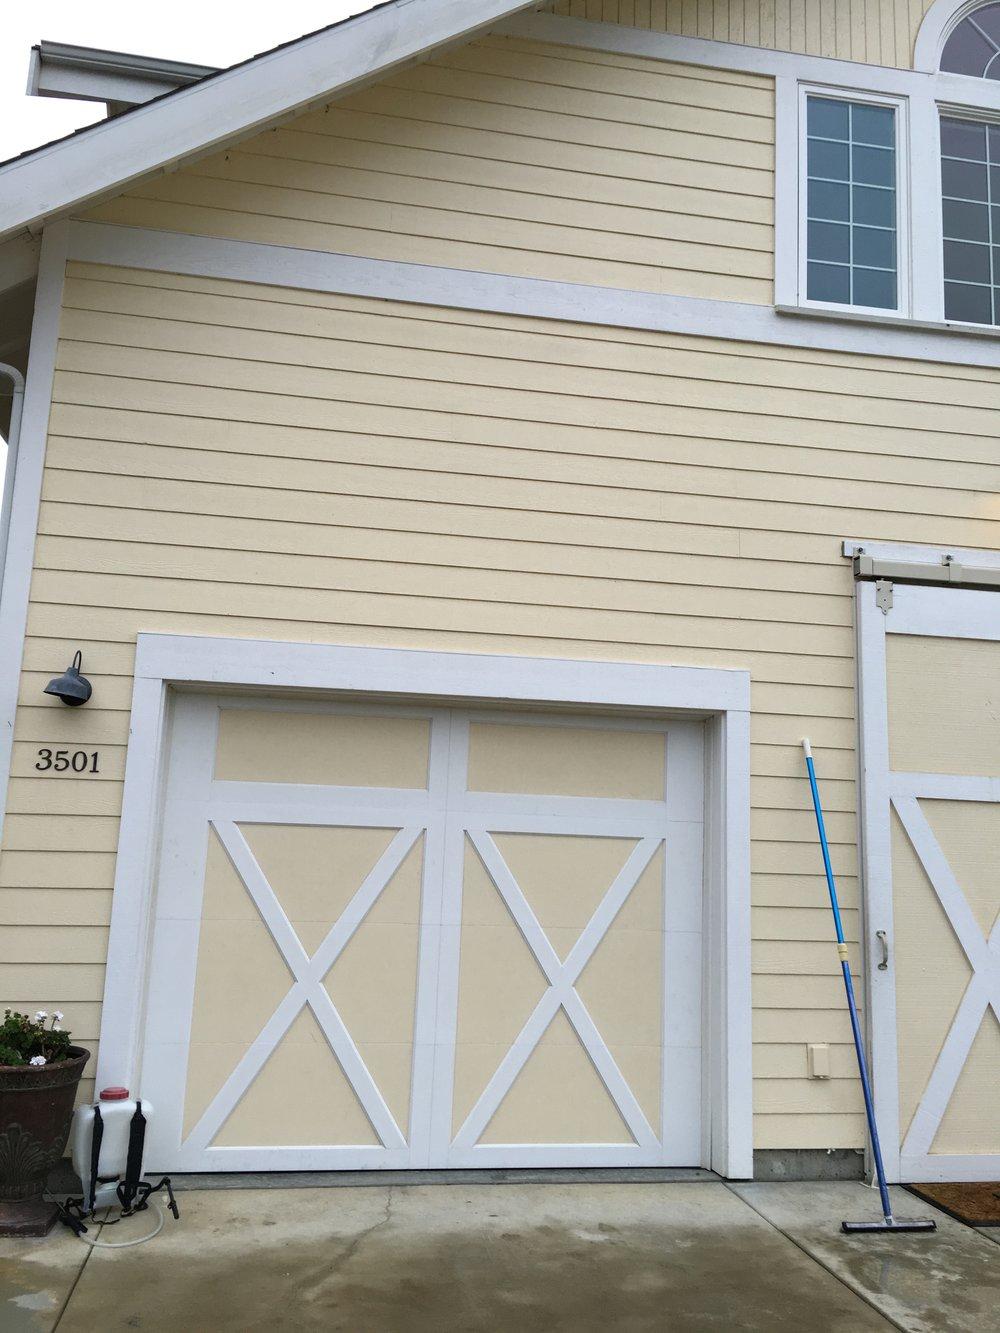 all bay garage doors - carriage house garage door - kevin chervatin - 24.jpg